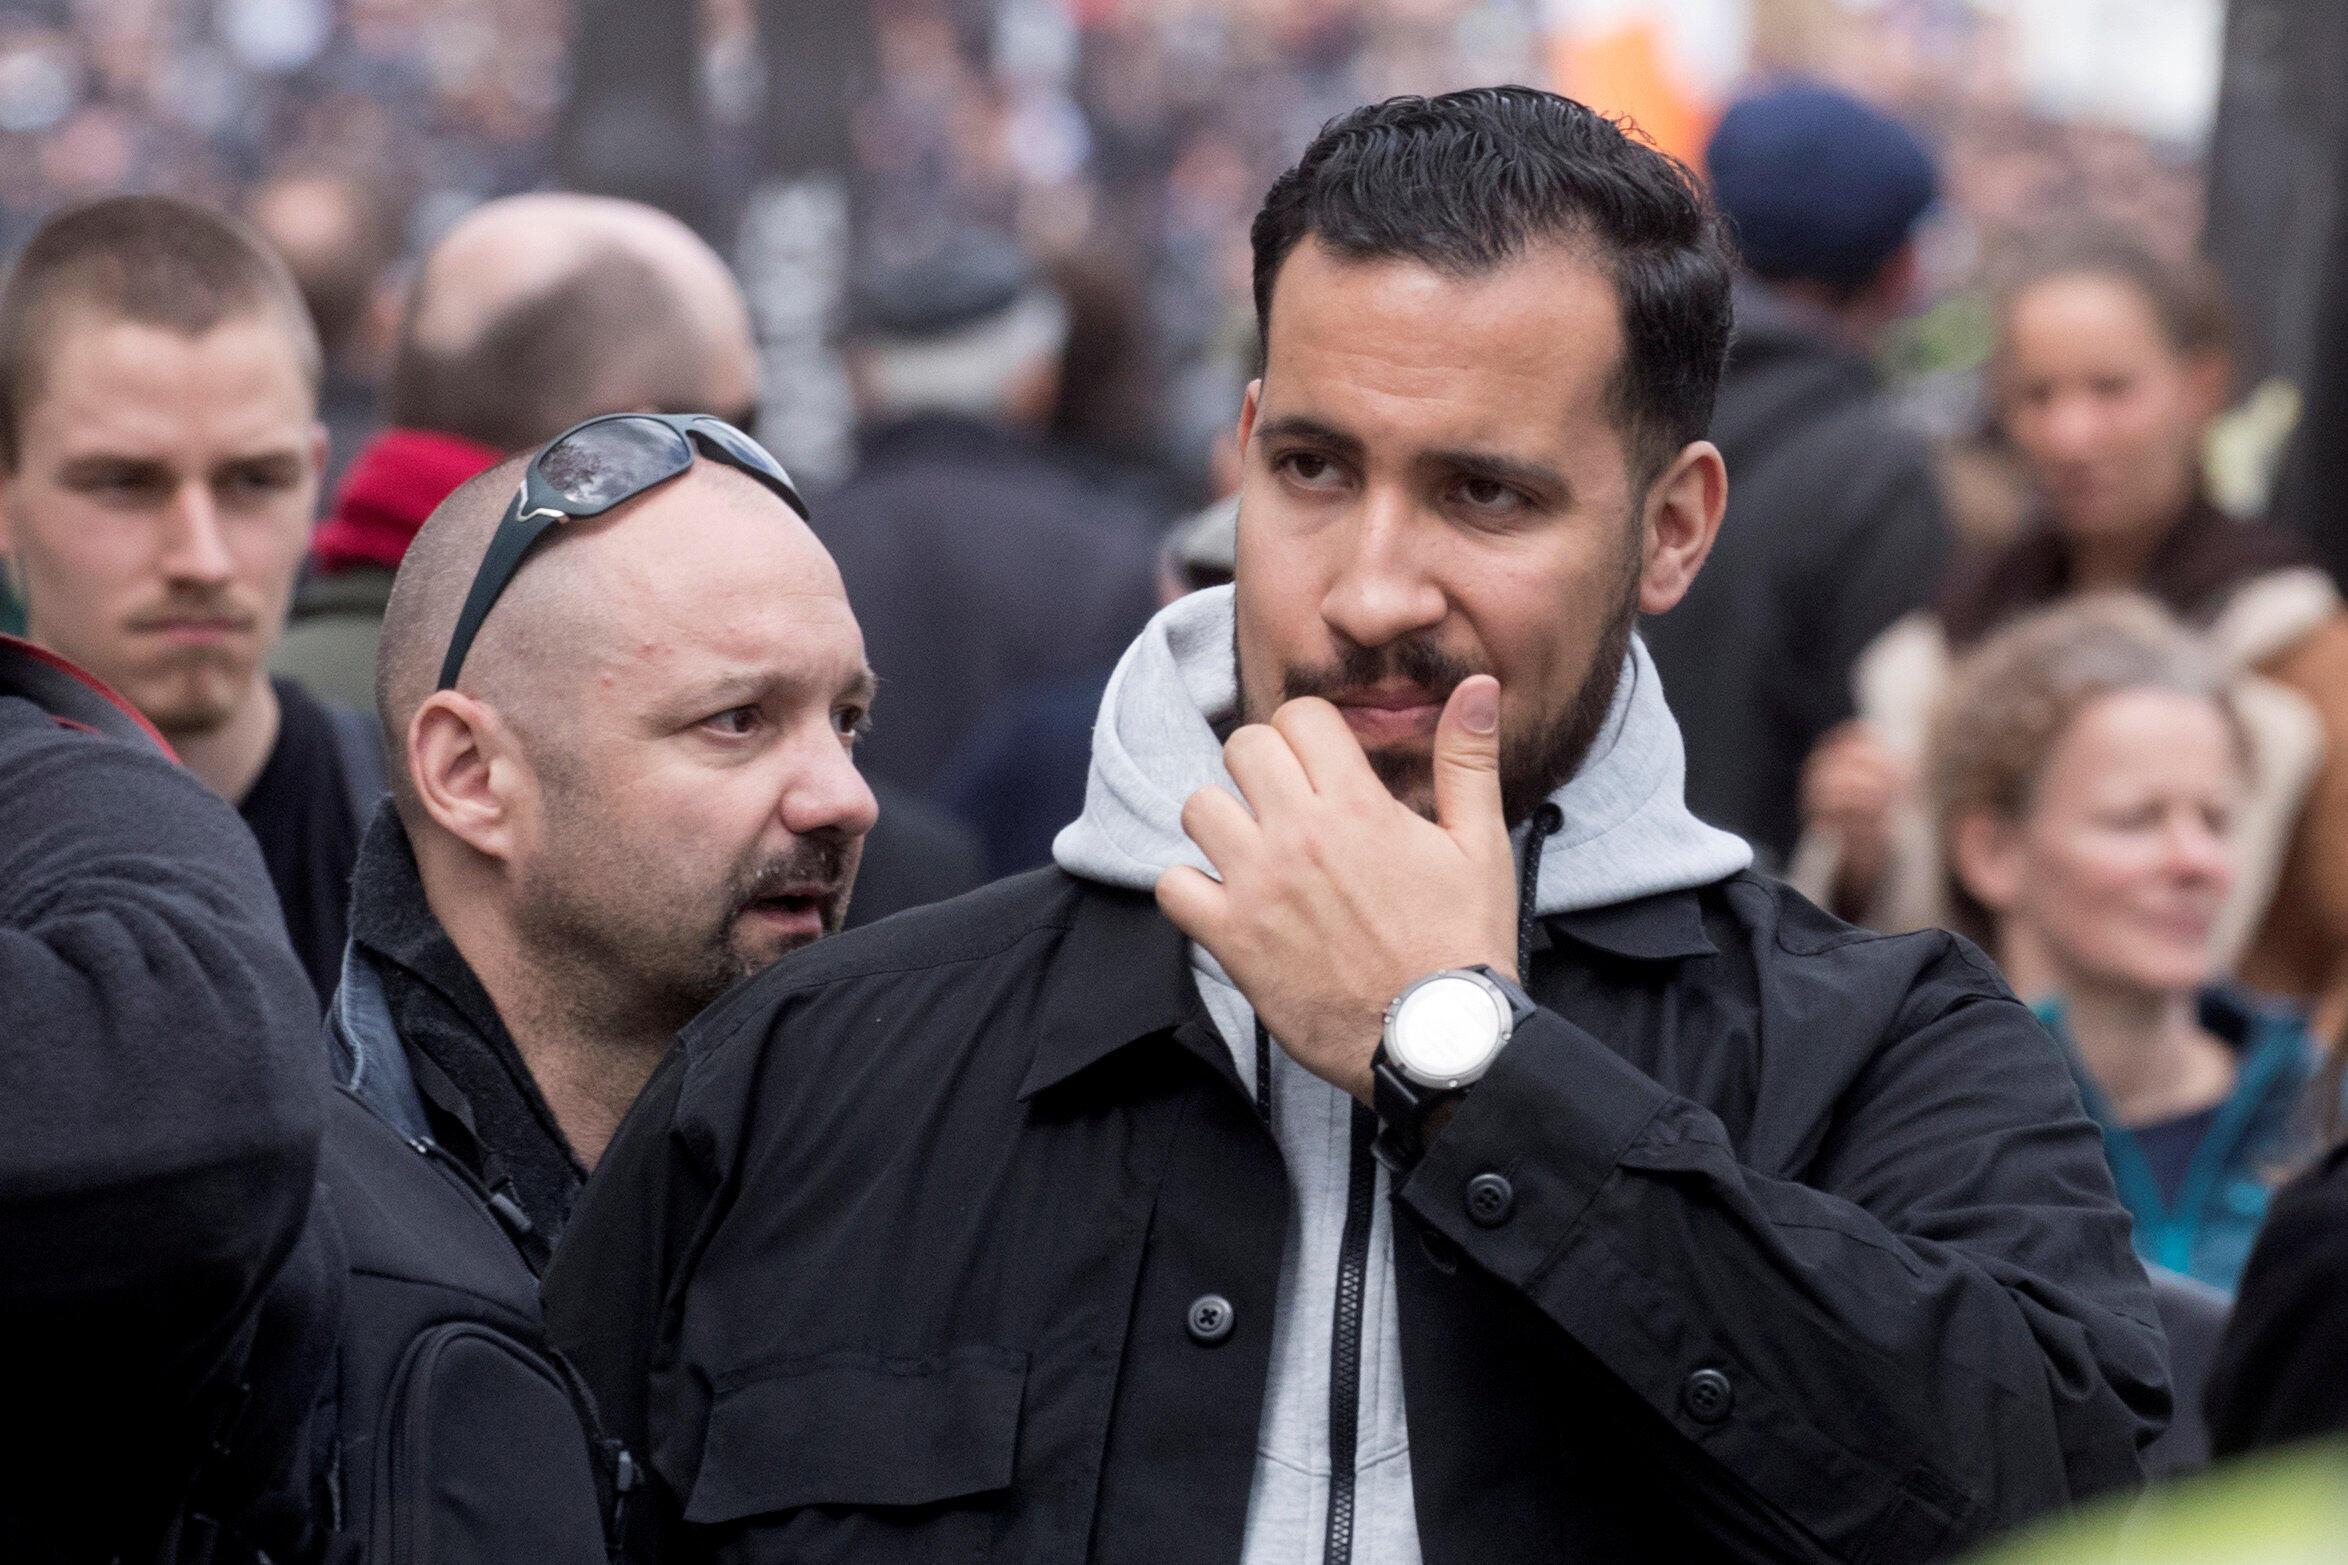 Ông Alexandre Benalla trong cuộc tuần hành ngày 01/05/2018 ở Paris.